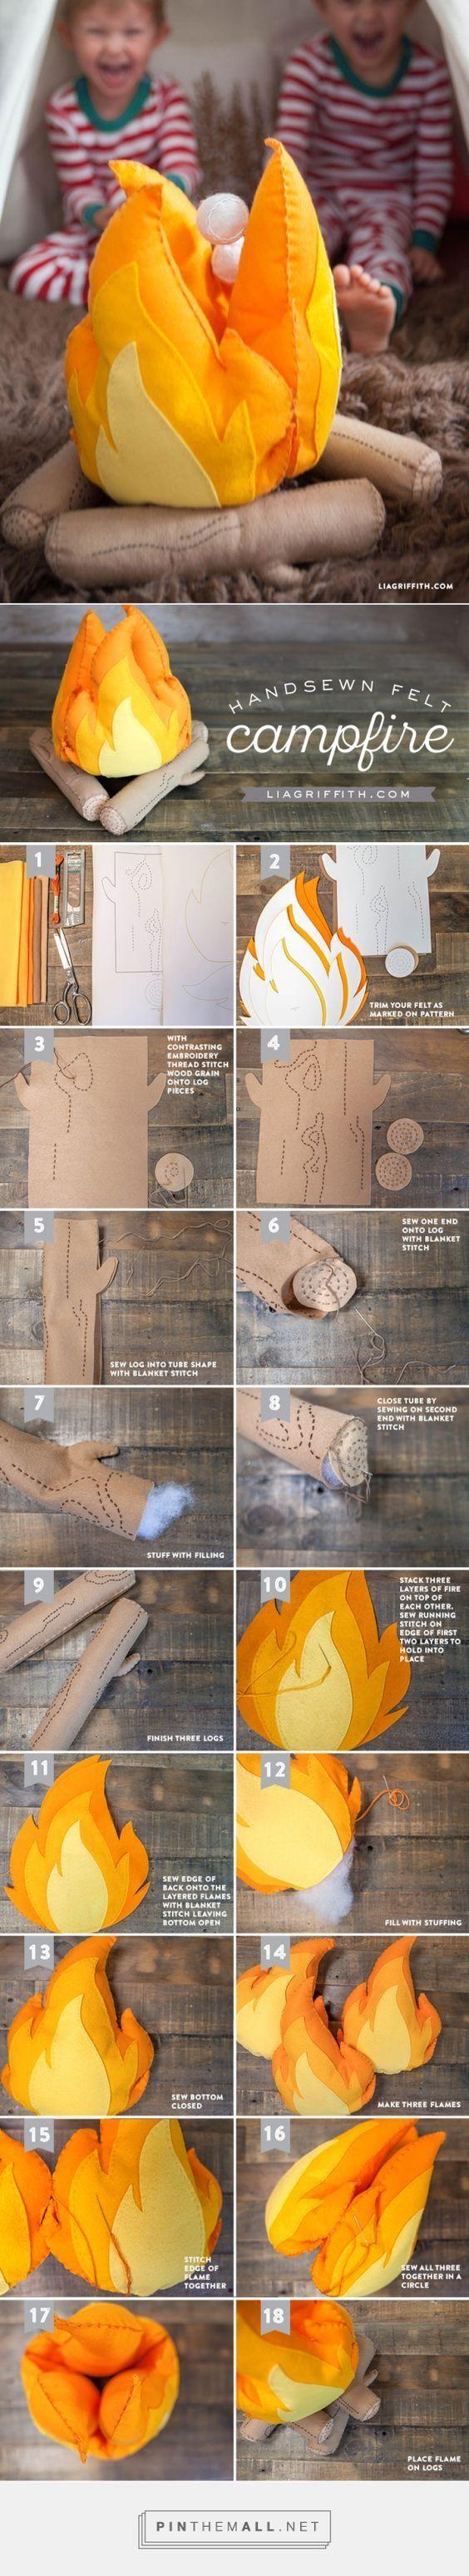 Kumaşlardan oyuncak kamp ateşi yapmak için çocuğunuzun sabırsızlanacağından eminiz. Ateş ve odun renklerinde kumaş parçaları ve pamuk ile çok kolayca oyuncak kamp ateşi yapabilirsiniz.